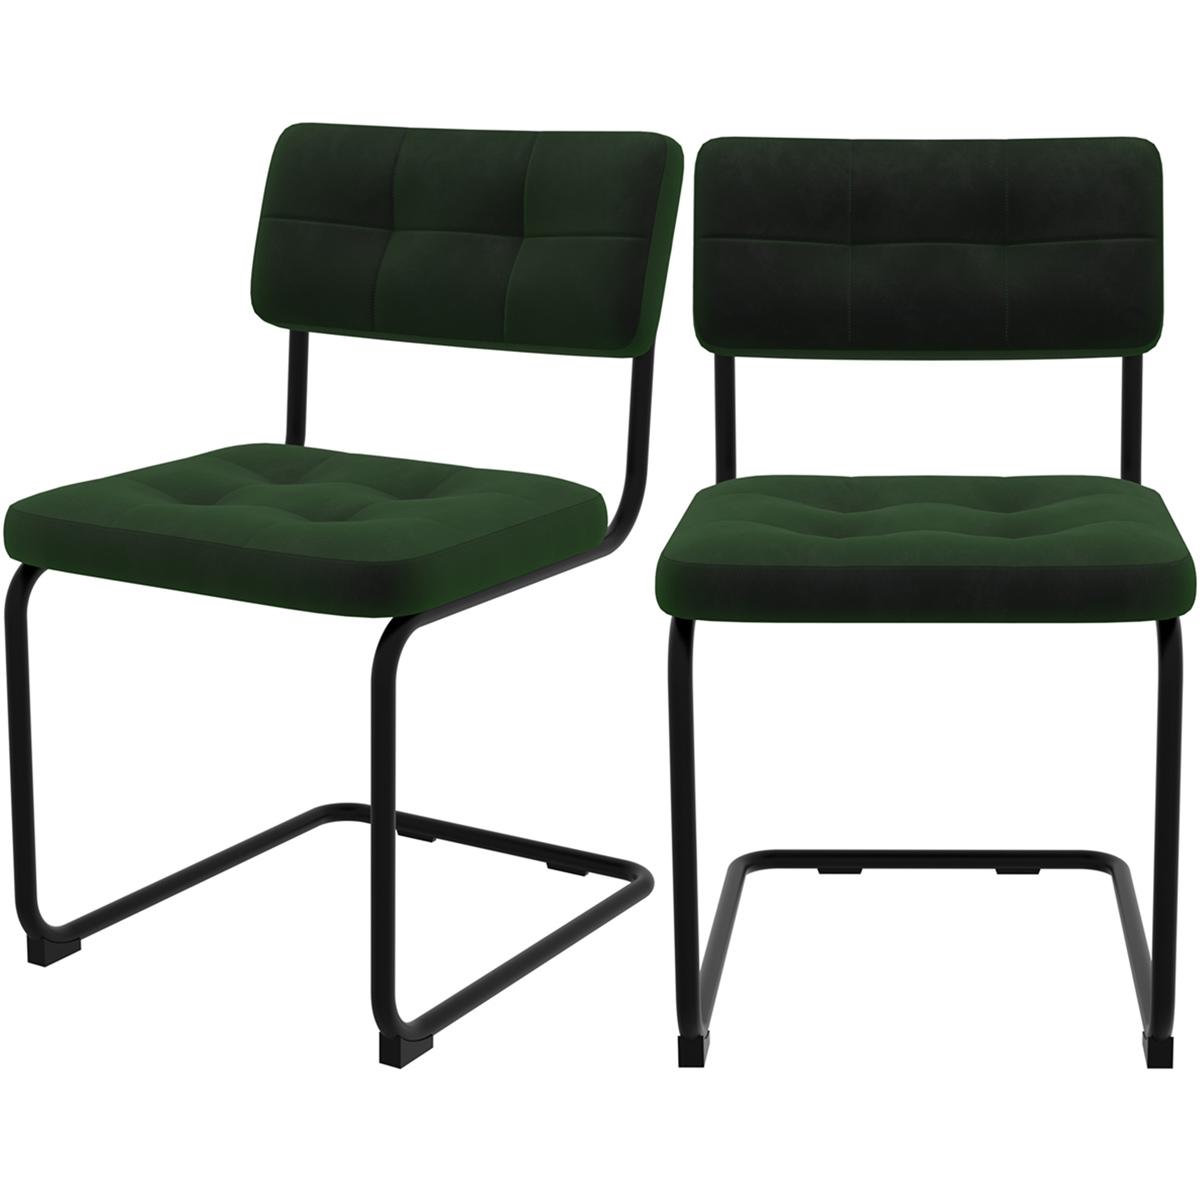 Chaise en velours vert et pieds en métal noir (lot de 2)